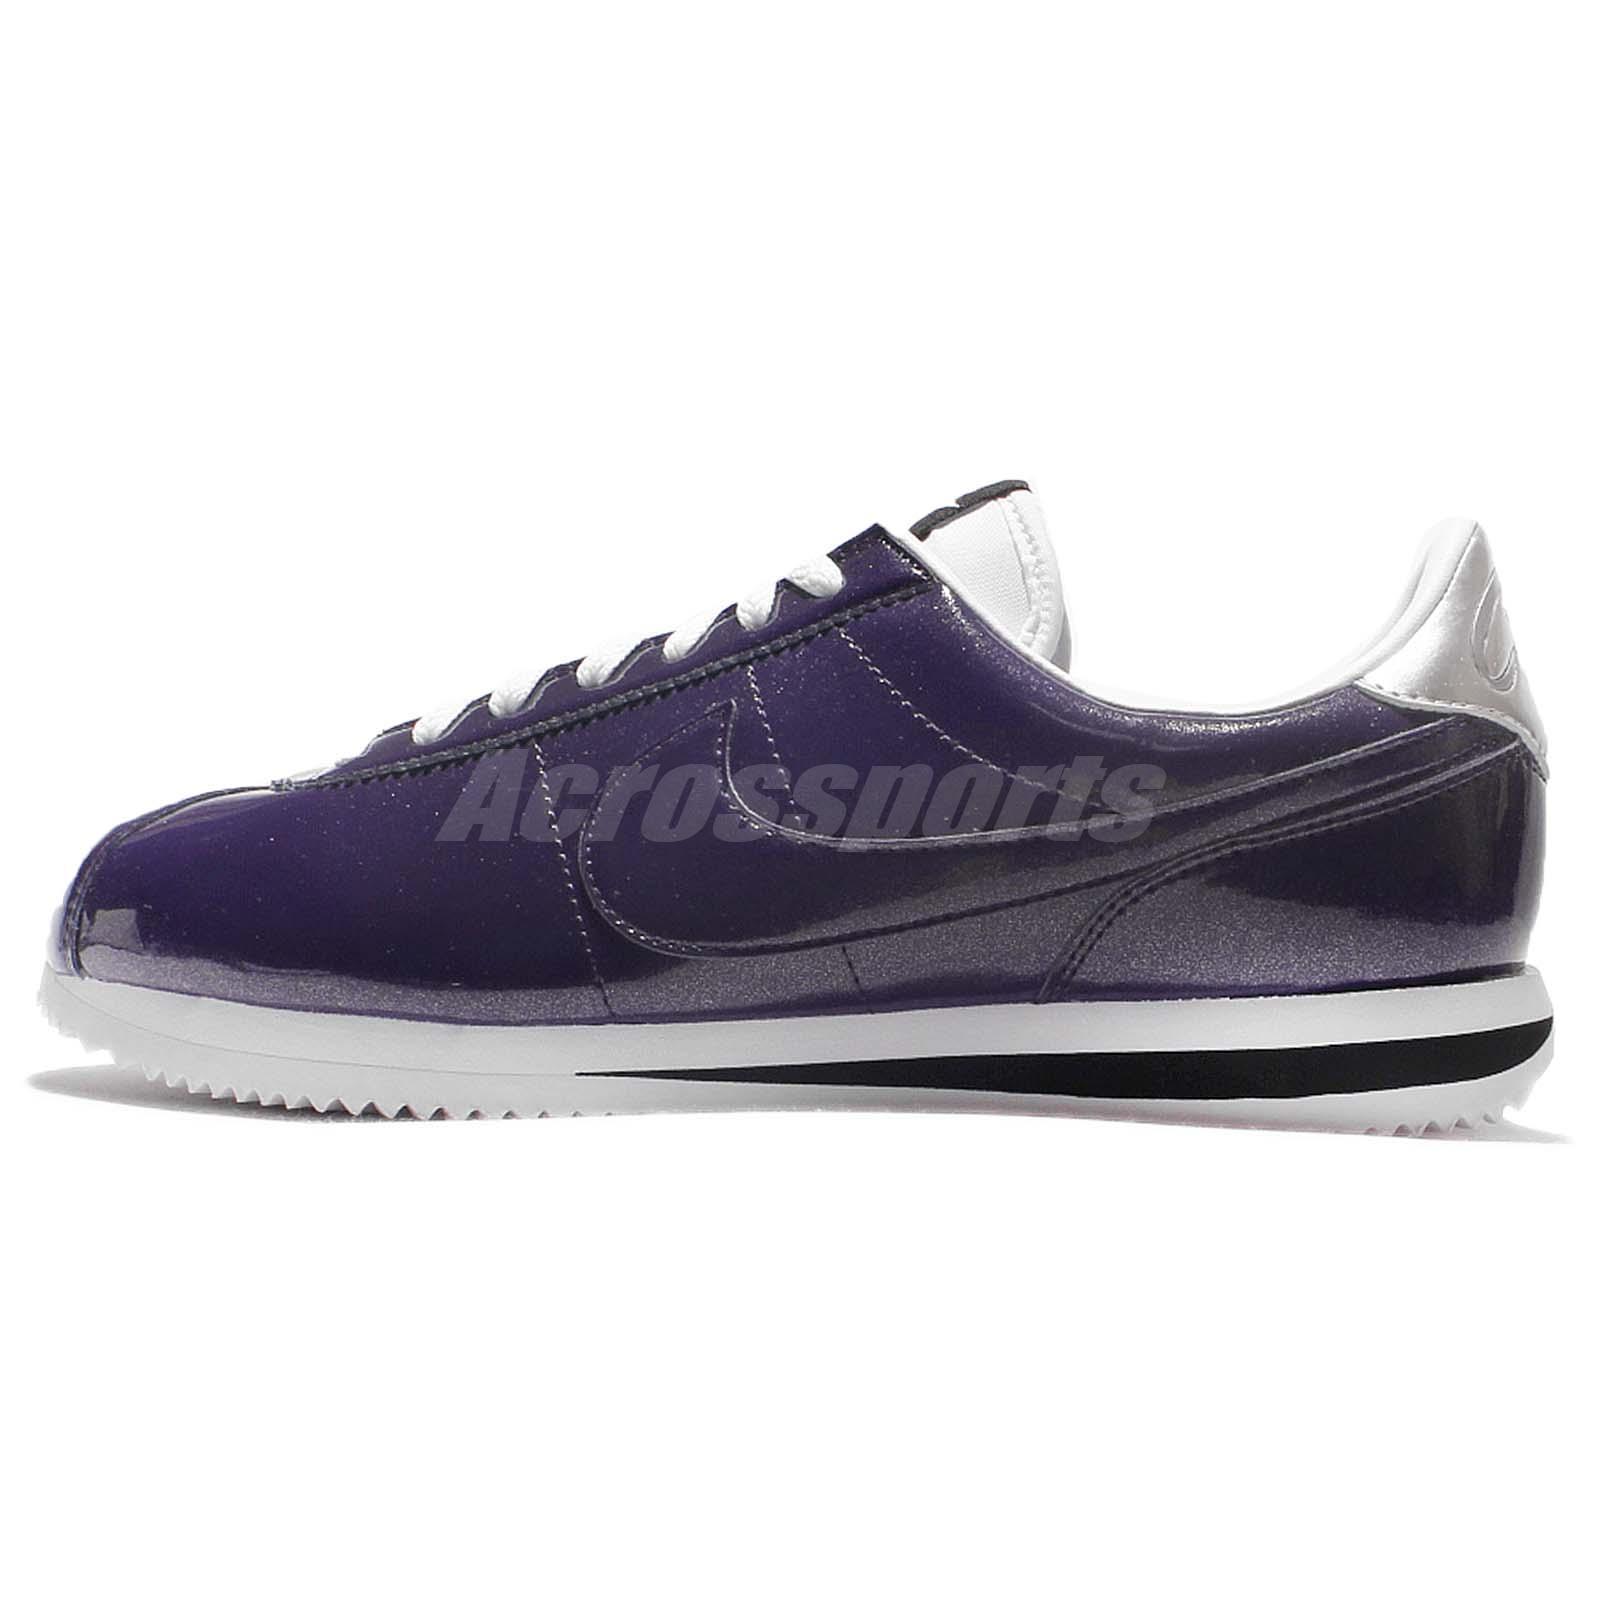 Nike Cortez Basic PREM QS Purple Silver Patent Leather